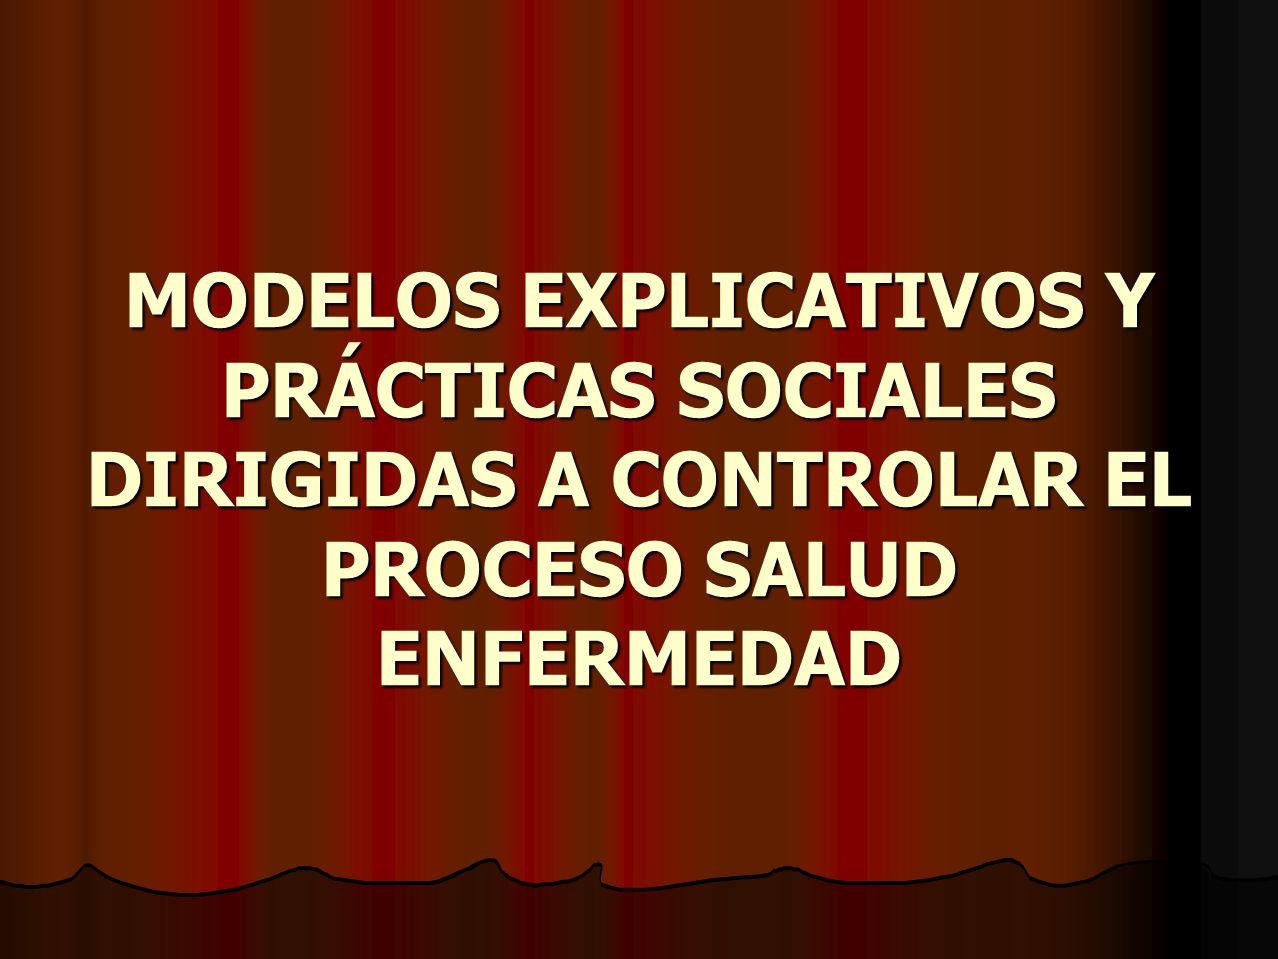 MODELOS EXPLICATIVOS Y PRÁCTICAS SOCIALES DIRIGIDAS A CONTROLAR EL PROCESO SALUD ENFERMEDAD